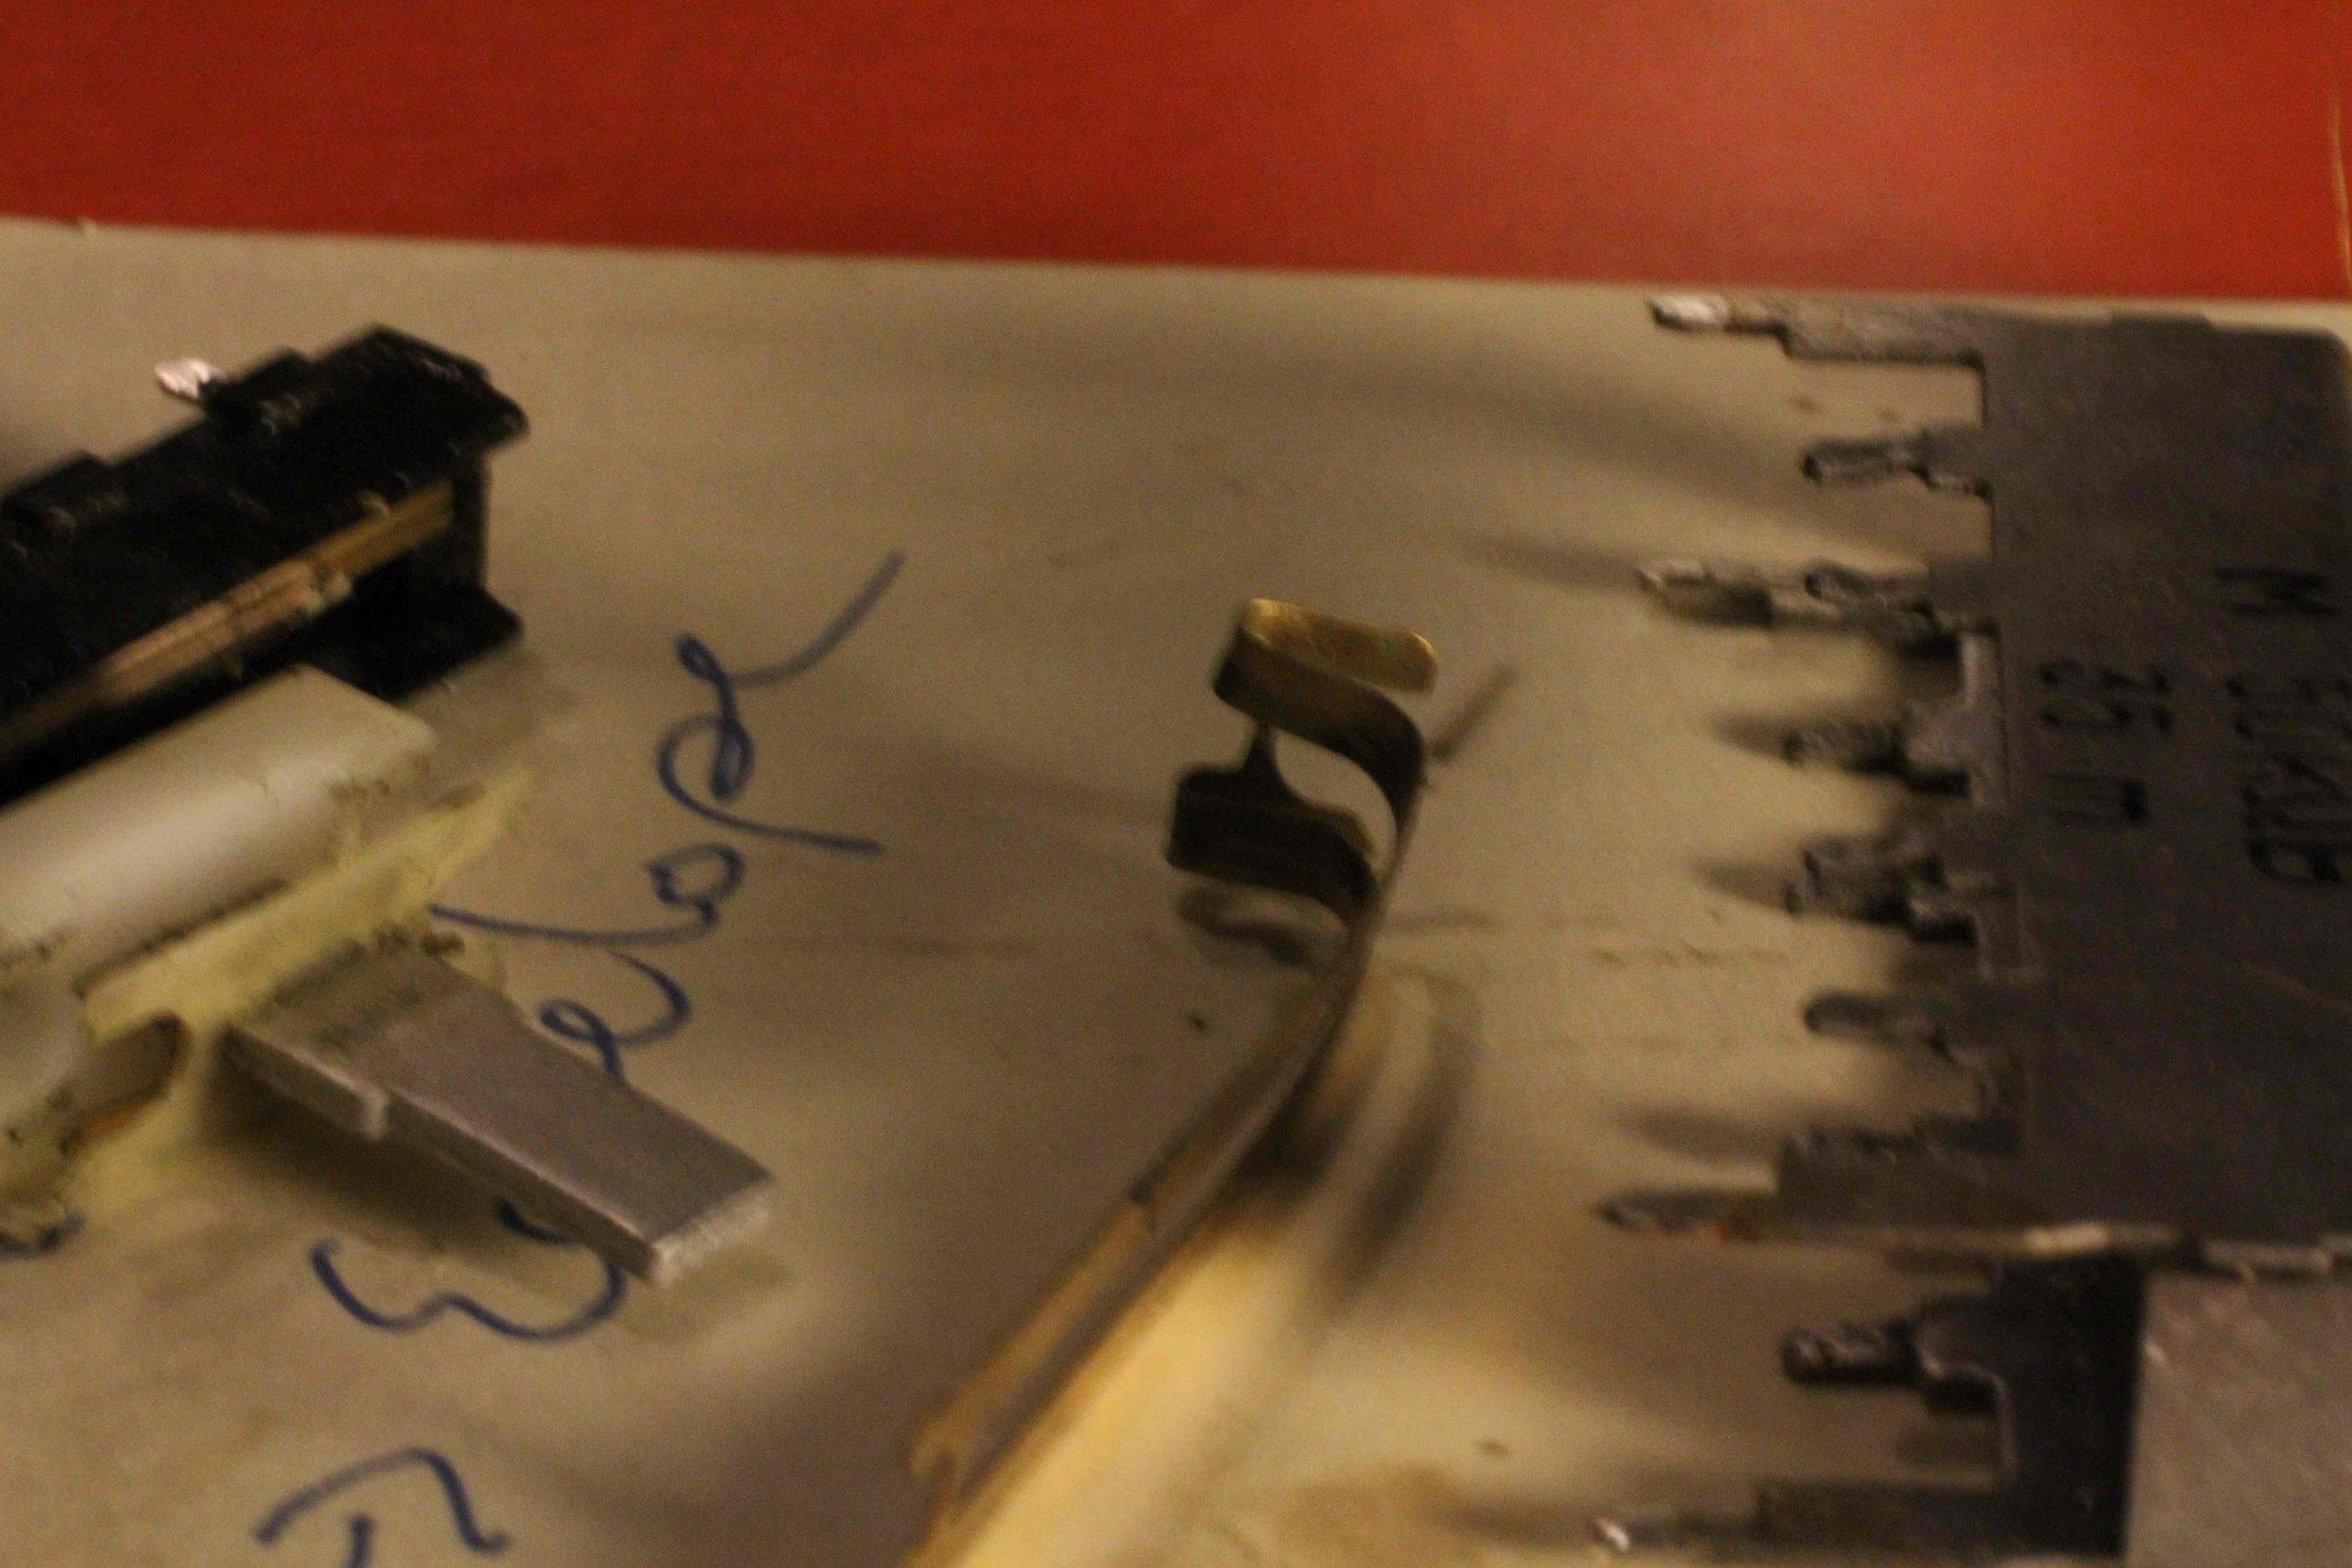 j-60-damaged-slider-exploded-view-1.jpg